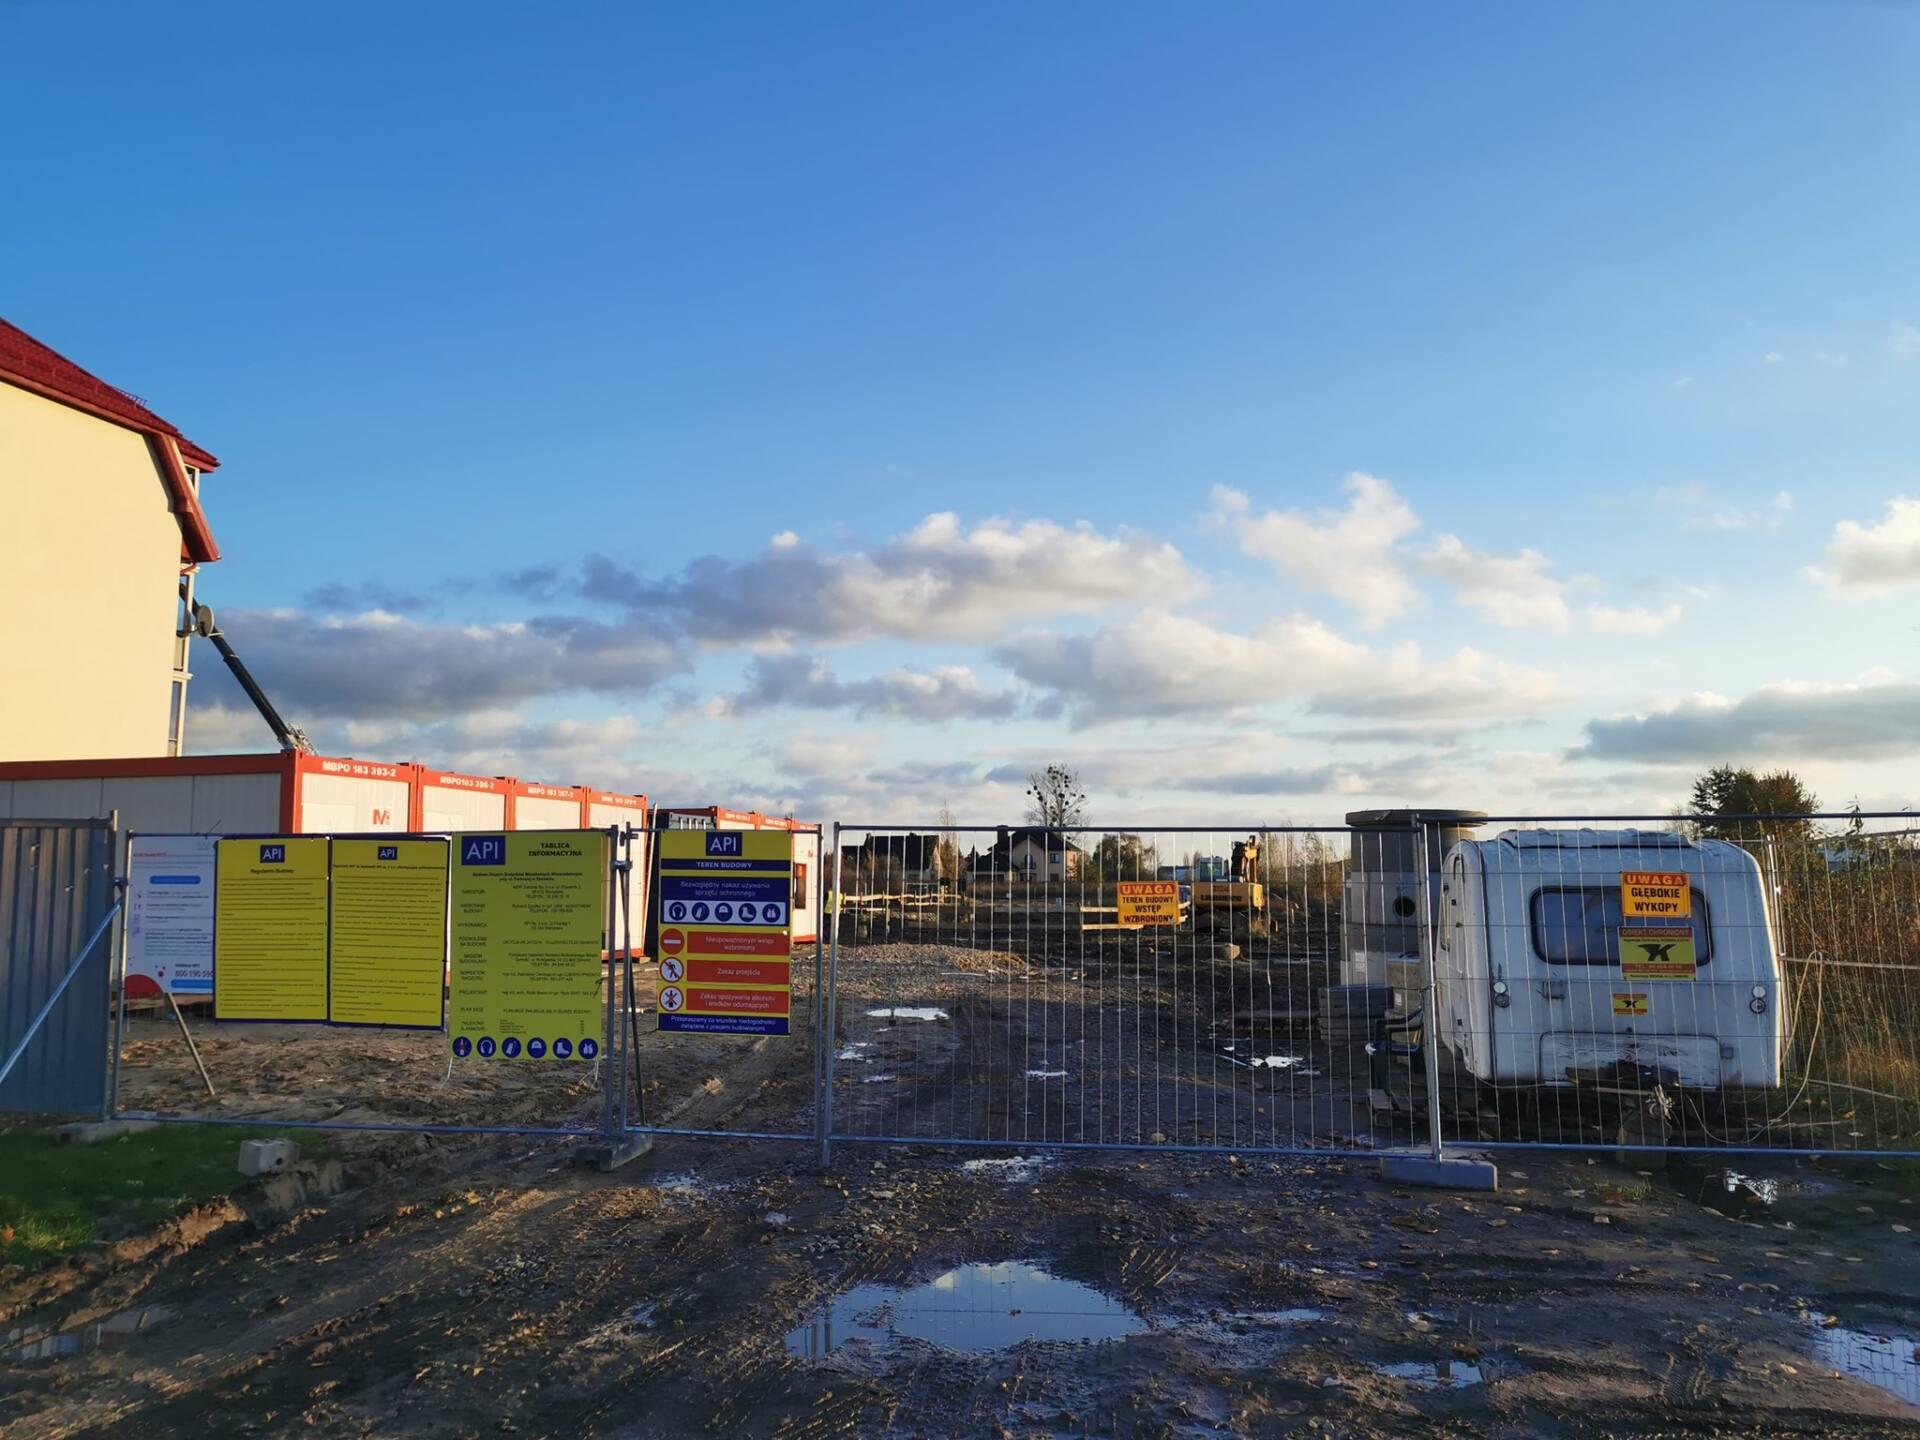 124246496 188945786145440 6448588567381690908 o Zamość: Trwa budowa nowego osiedla mieszkaniowego